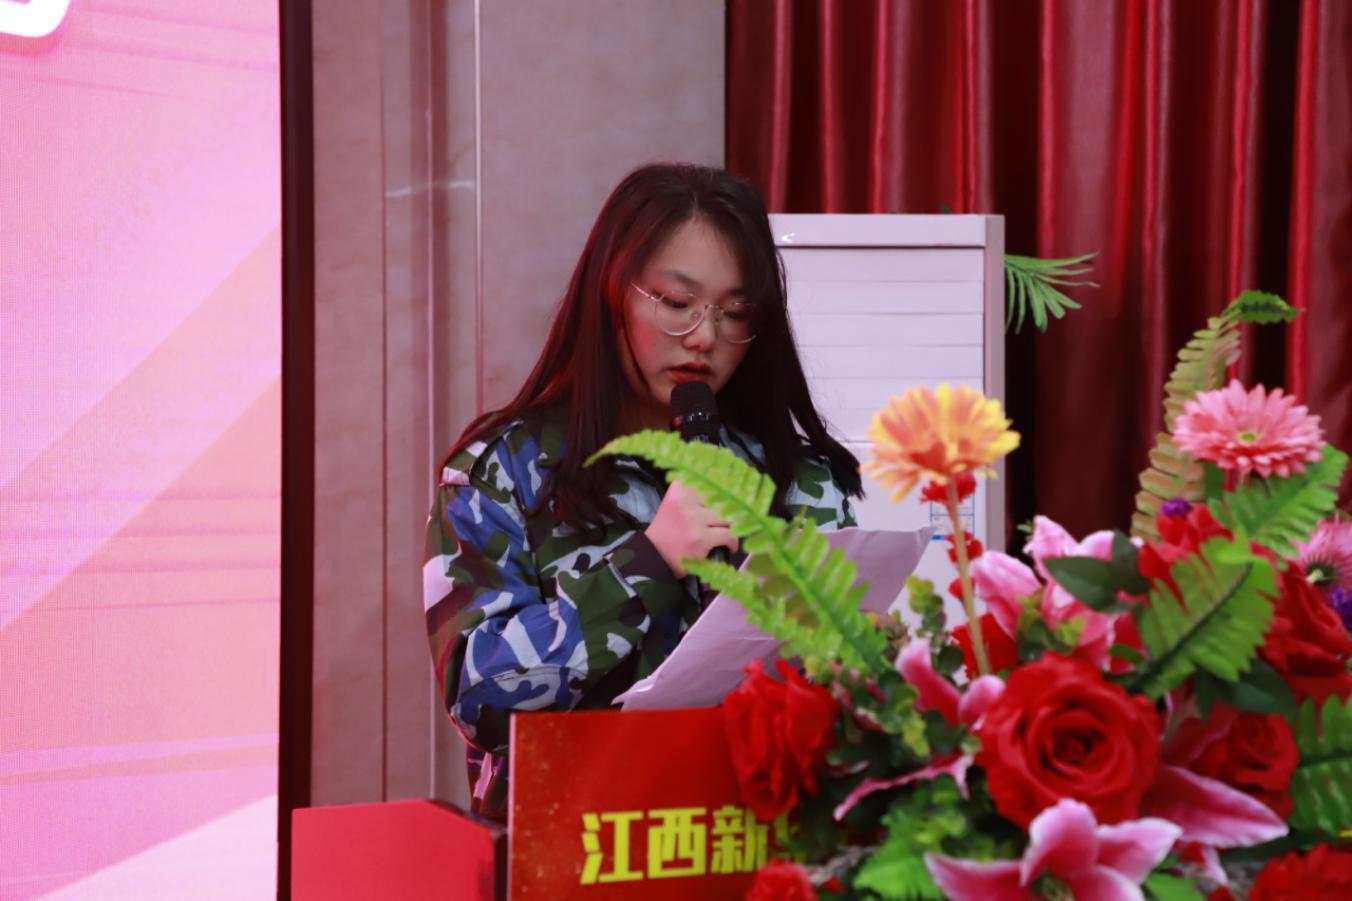 江西新华电脑学院2021年春季新生开班典礼|青春绽放,梦想起航!